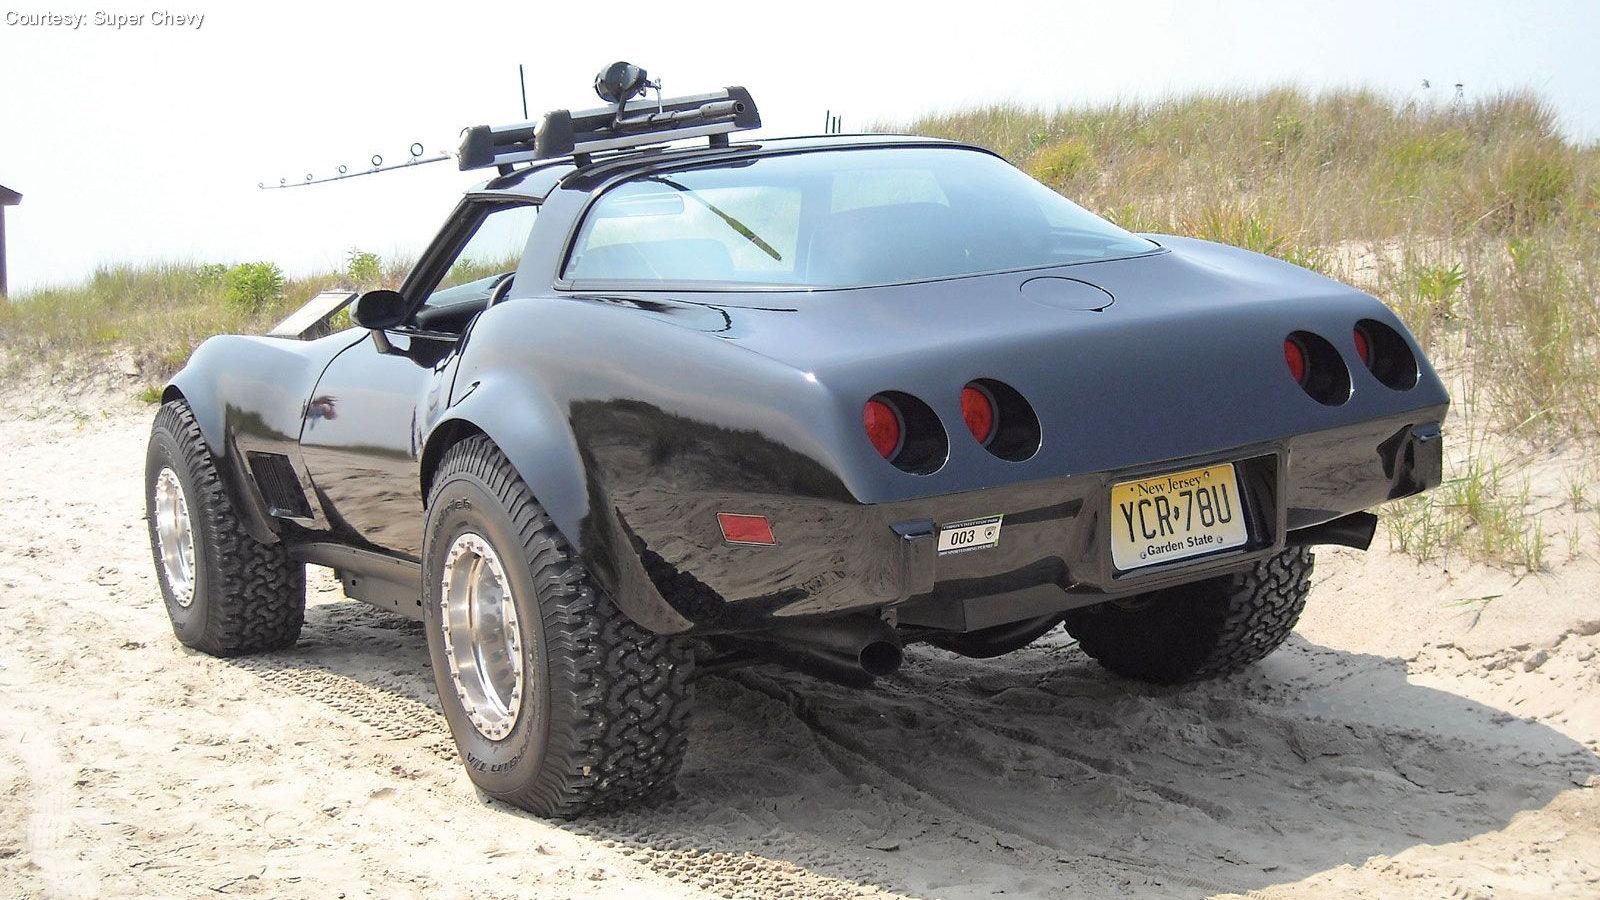 1969 Corvette Beach Buggy Hides a First-Gen Hemi Surprise